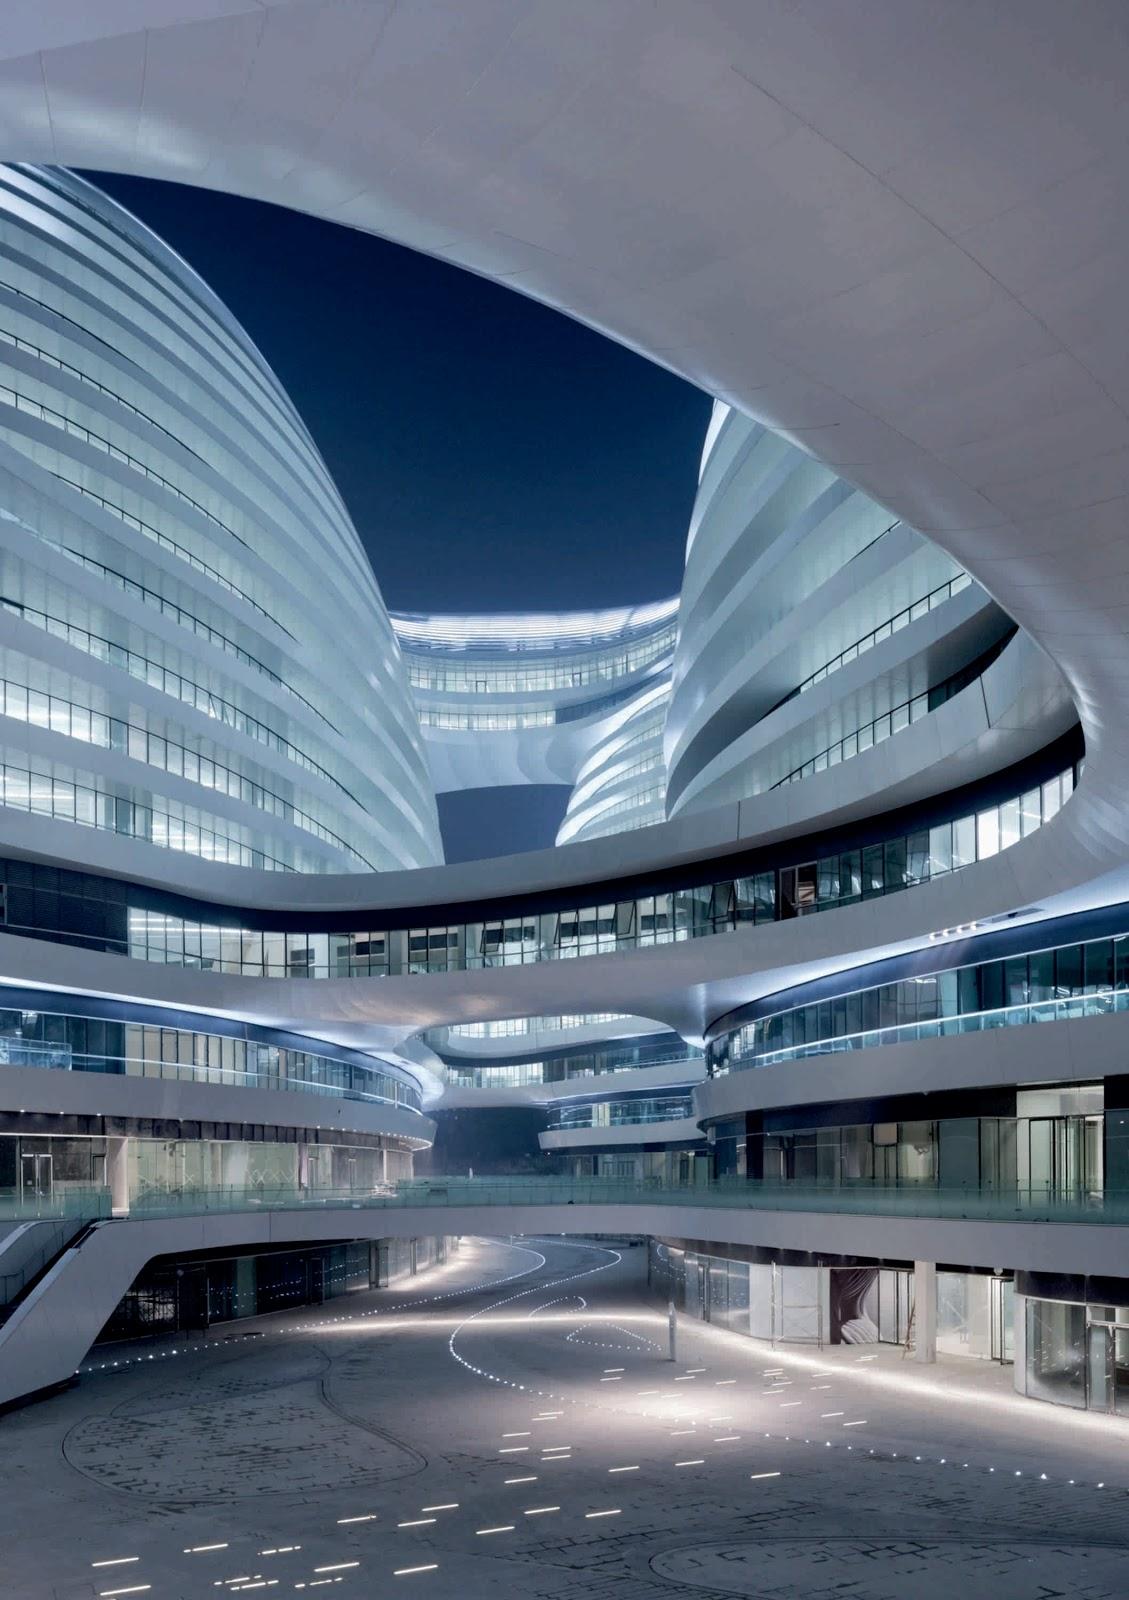 Galaxy soho by zaha hadid architects for Architecte hadid zaha